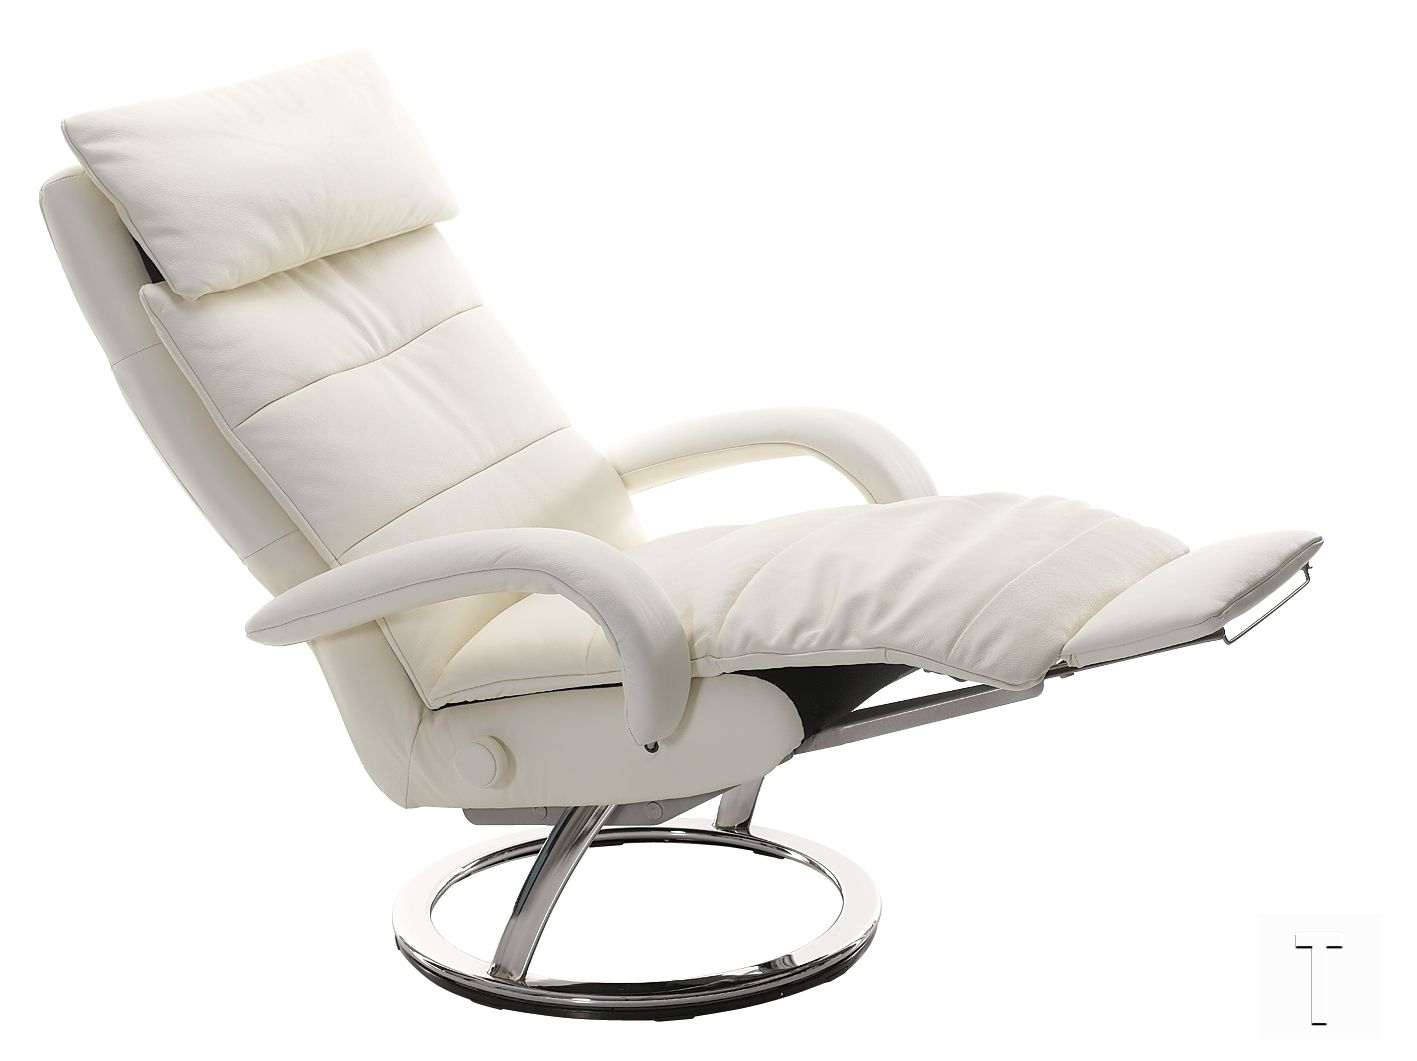 Sedie Reclinabili ~ Oltre 25 fantastiche idee su reclinabile in pelle su pinterest